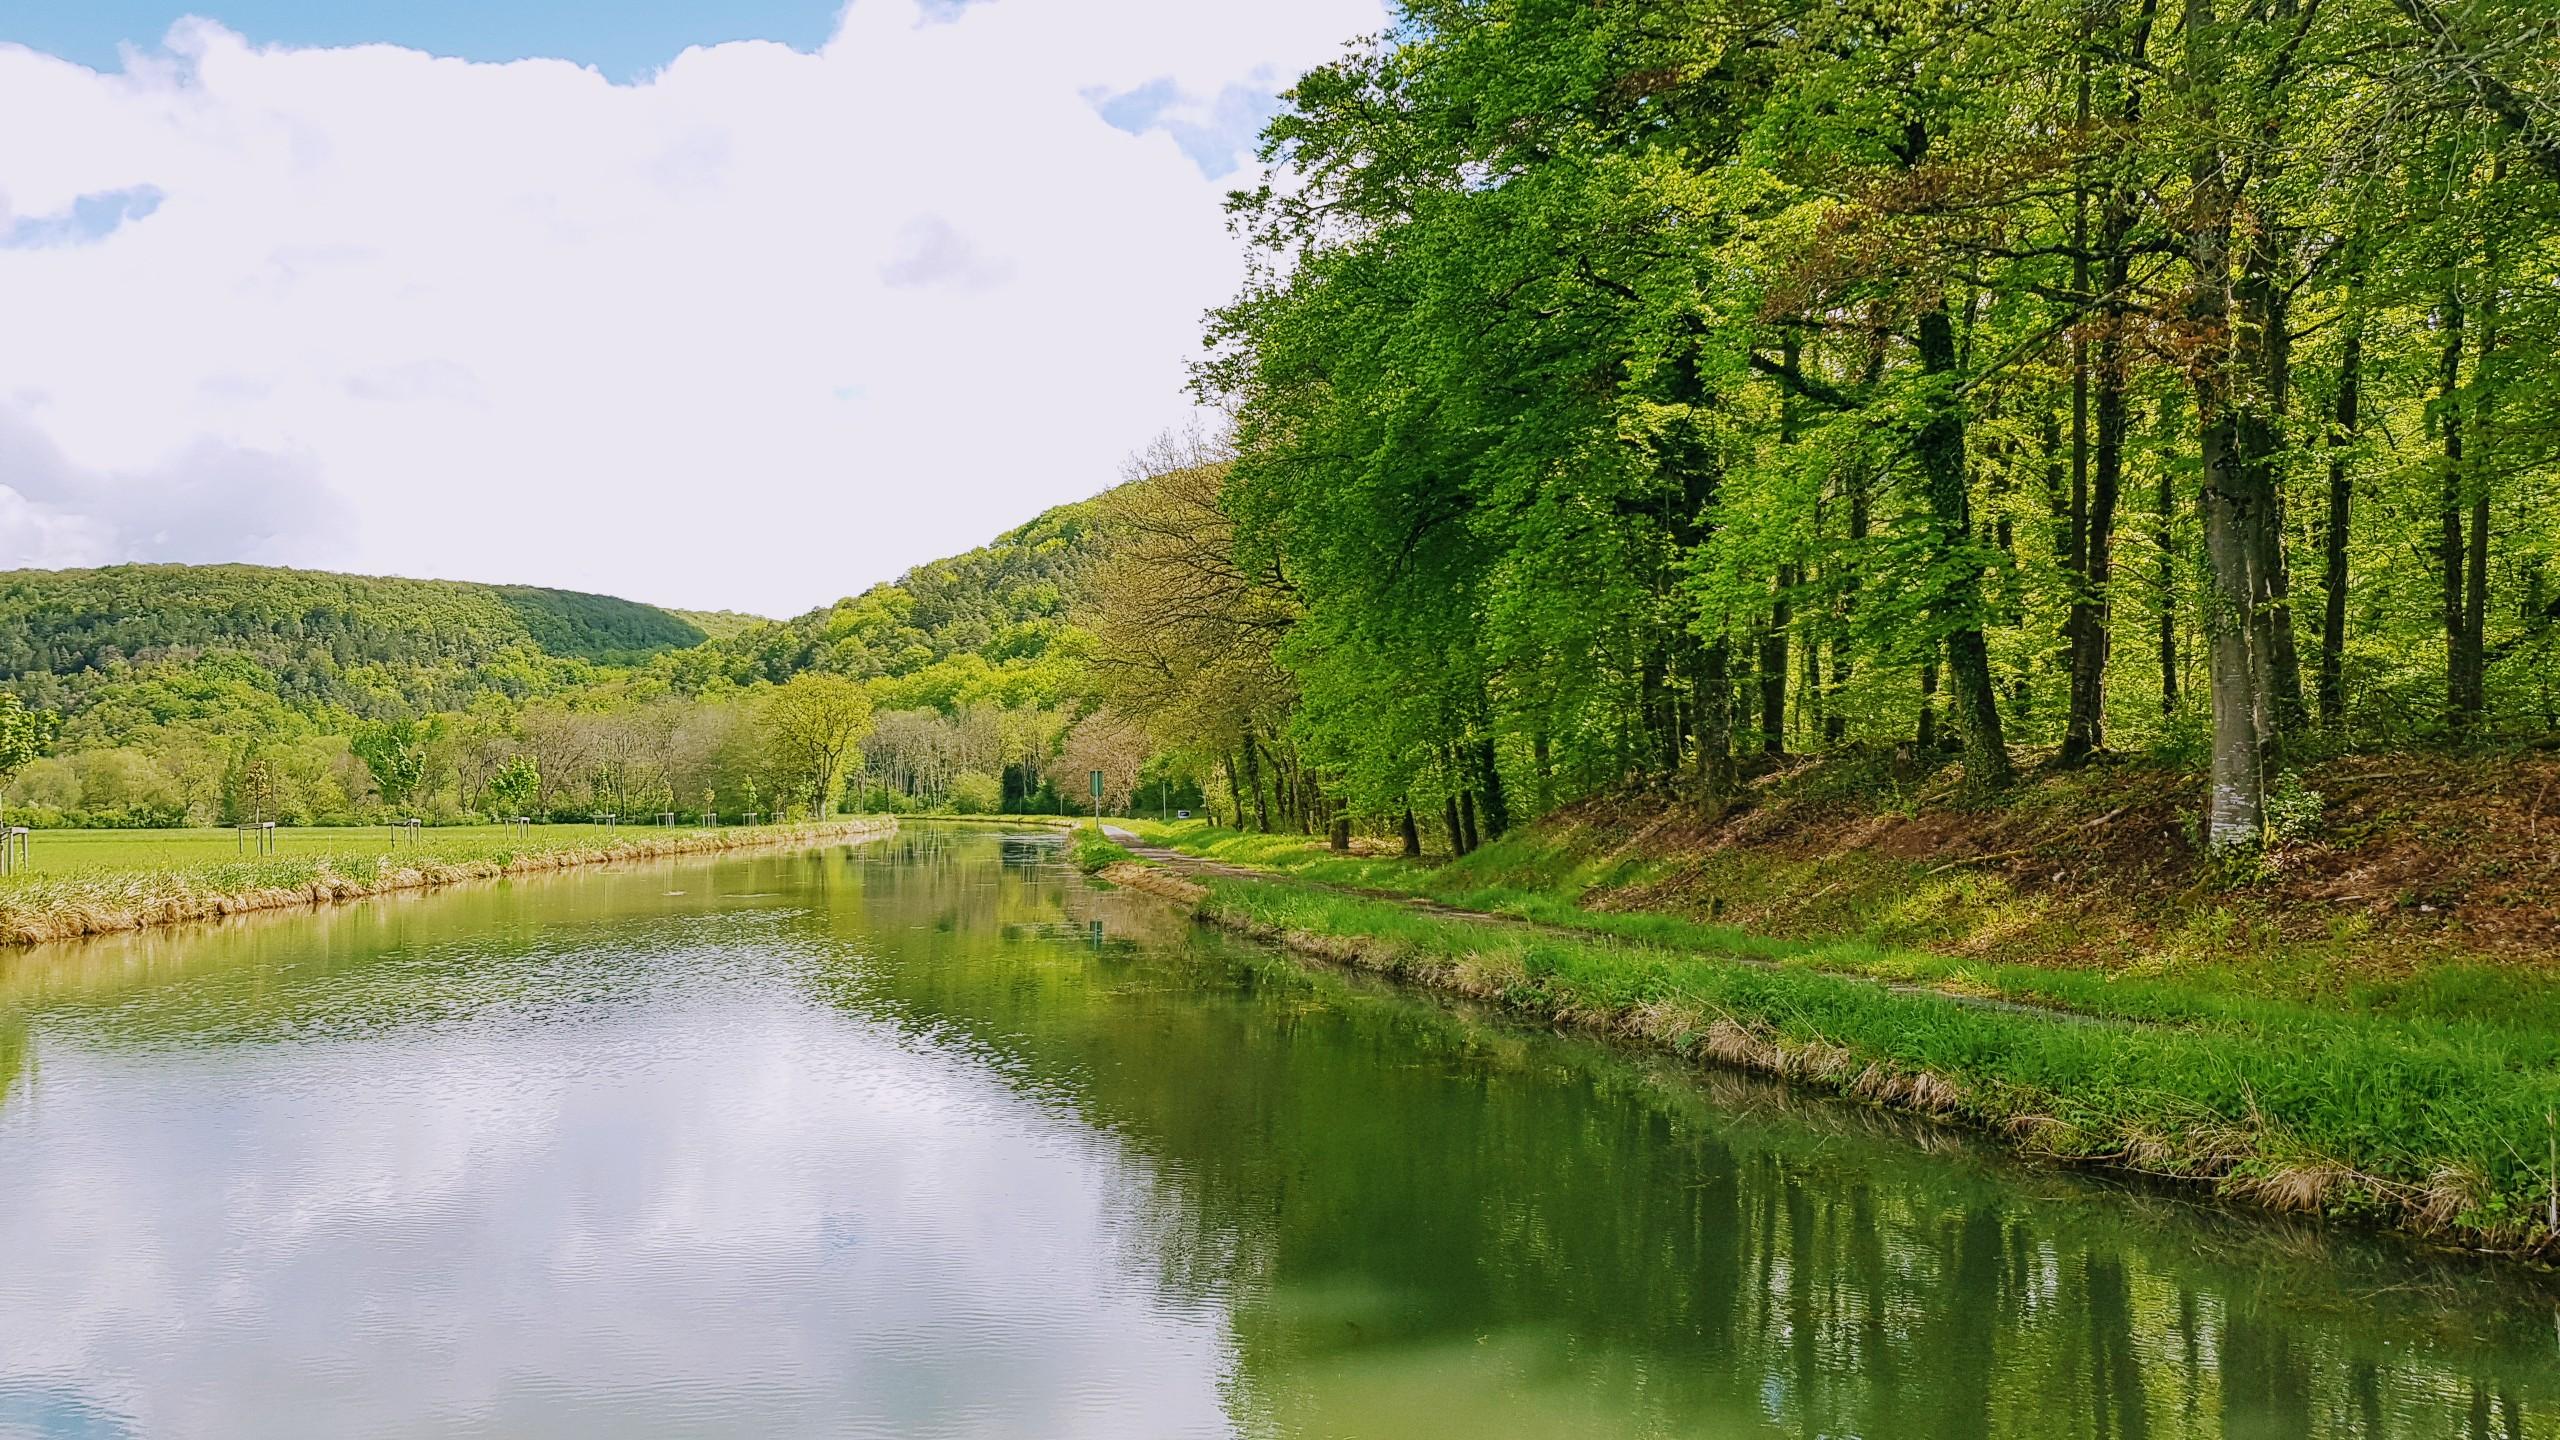 Friedliche Stimmung; Stille, frisches Grün, plätscherndes Kühlwasser und Vogelstimmen